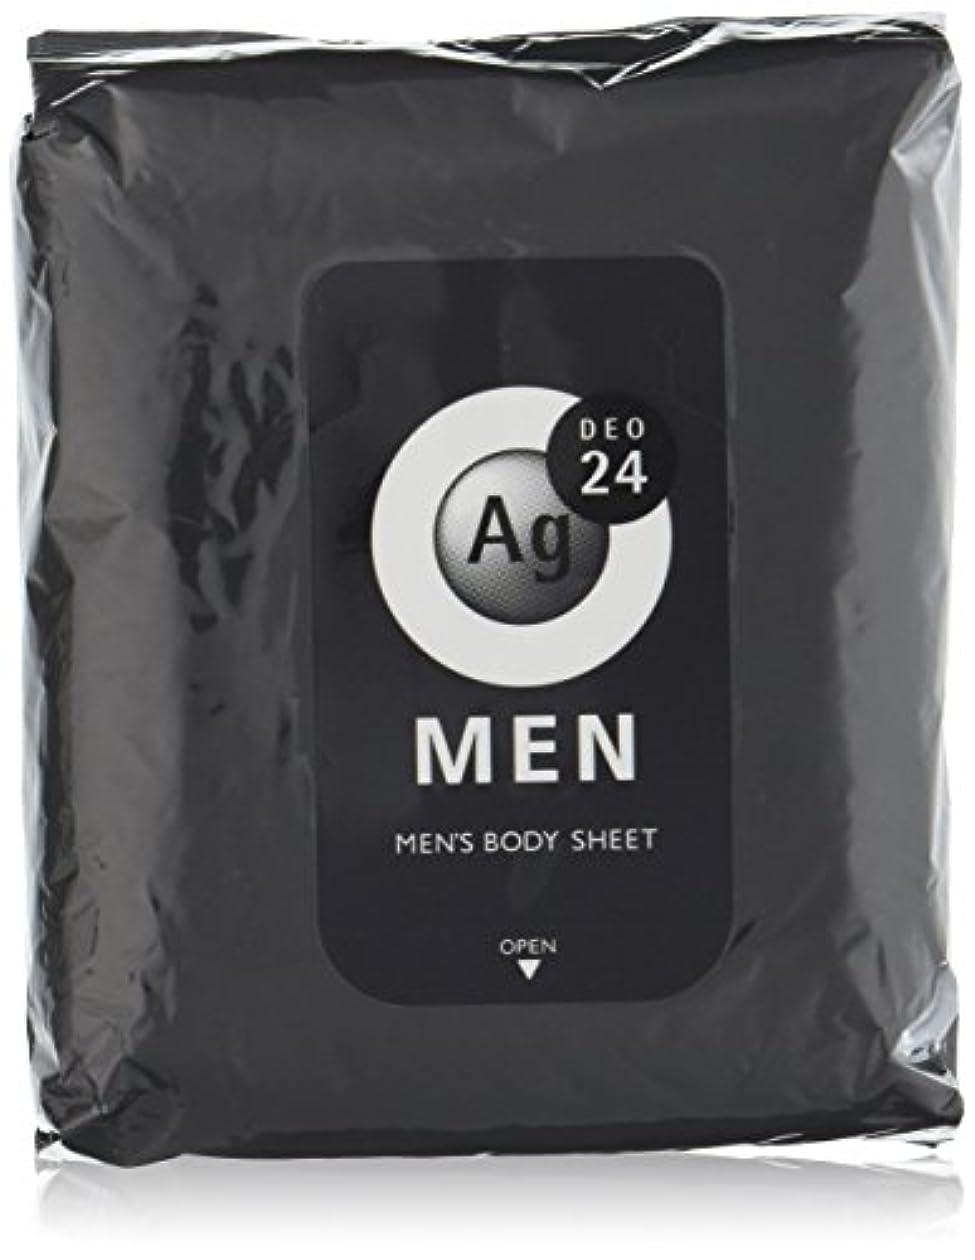 中間アレキサンダーグラハムベル採用するエージーデオ24 メンズ ボディーシート 無香性 30枚